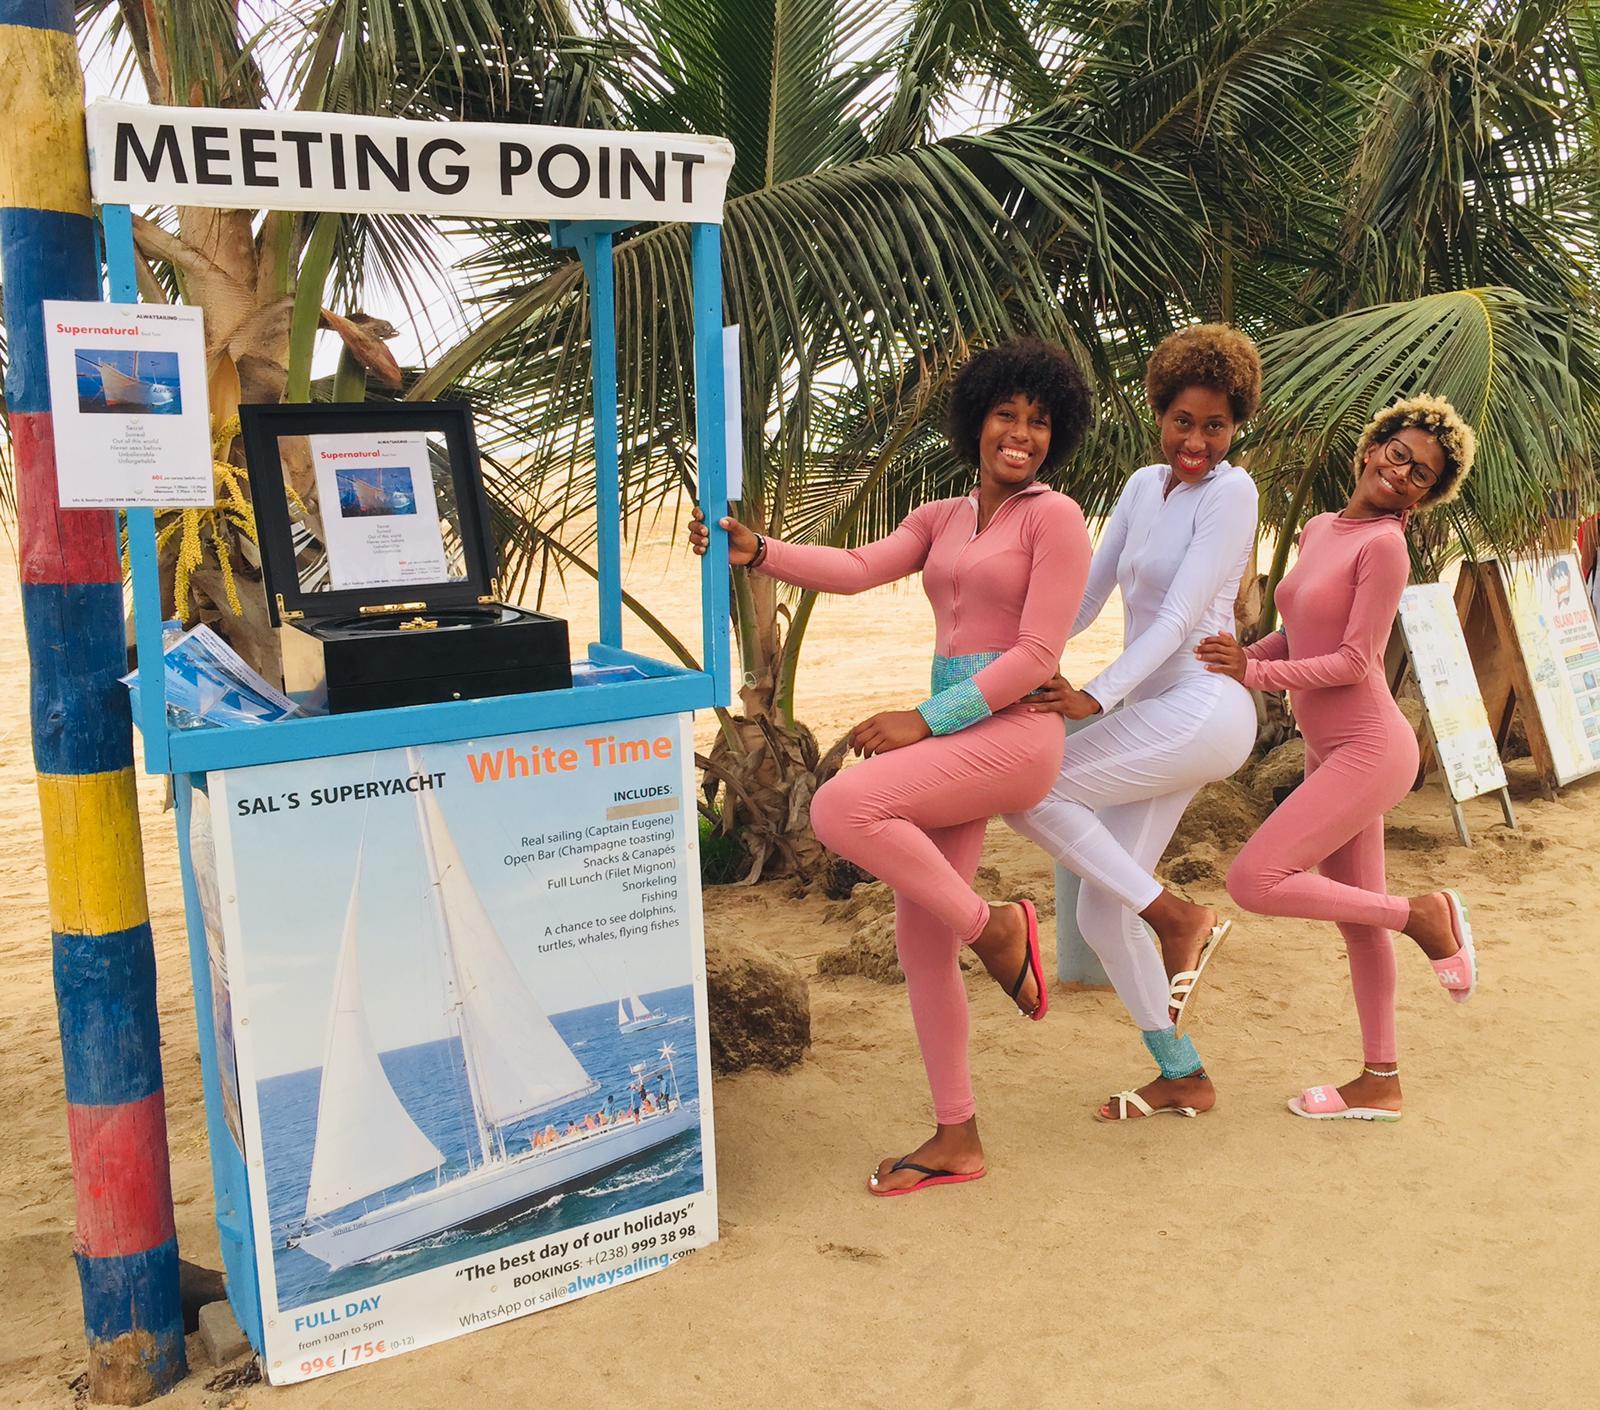 MEETING POINT at RIU resorts